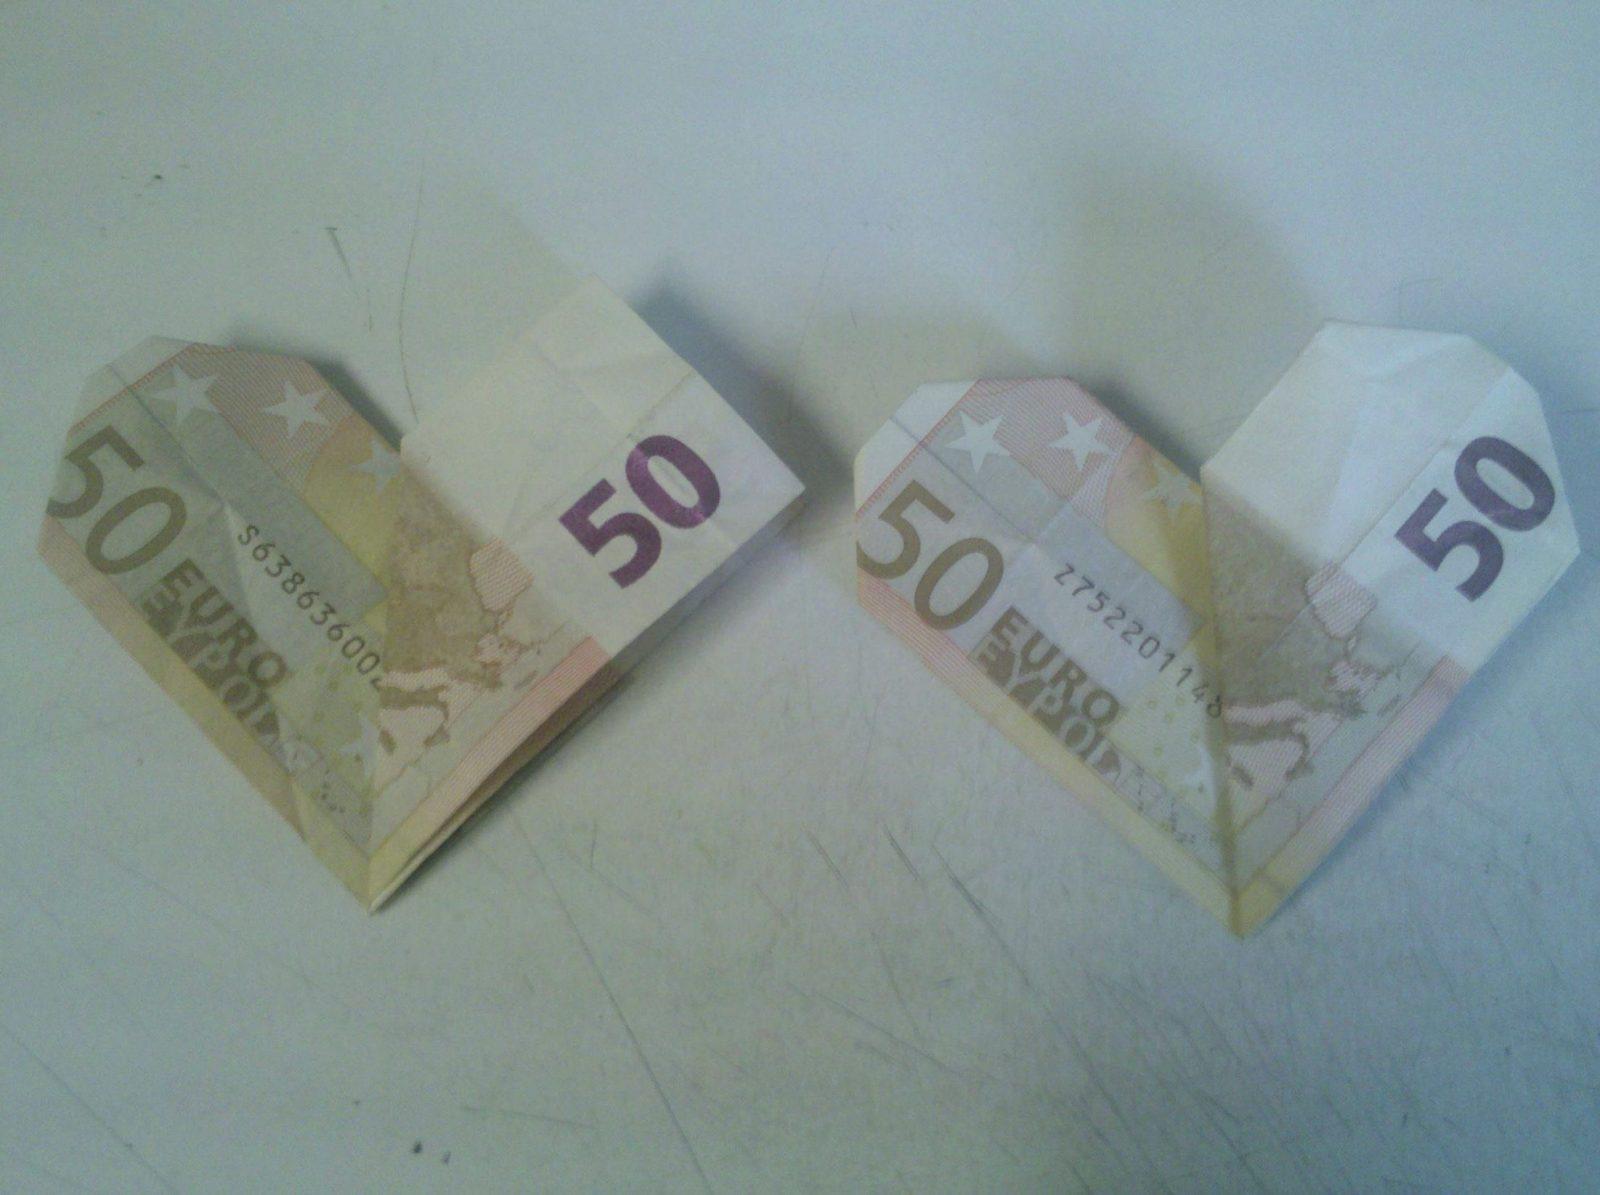 Geldschein Zu Herz Falten Wunderbar Herz Aus Geldschein Falten von Geldschein Zum Herz Falten Bild